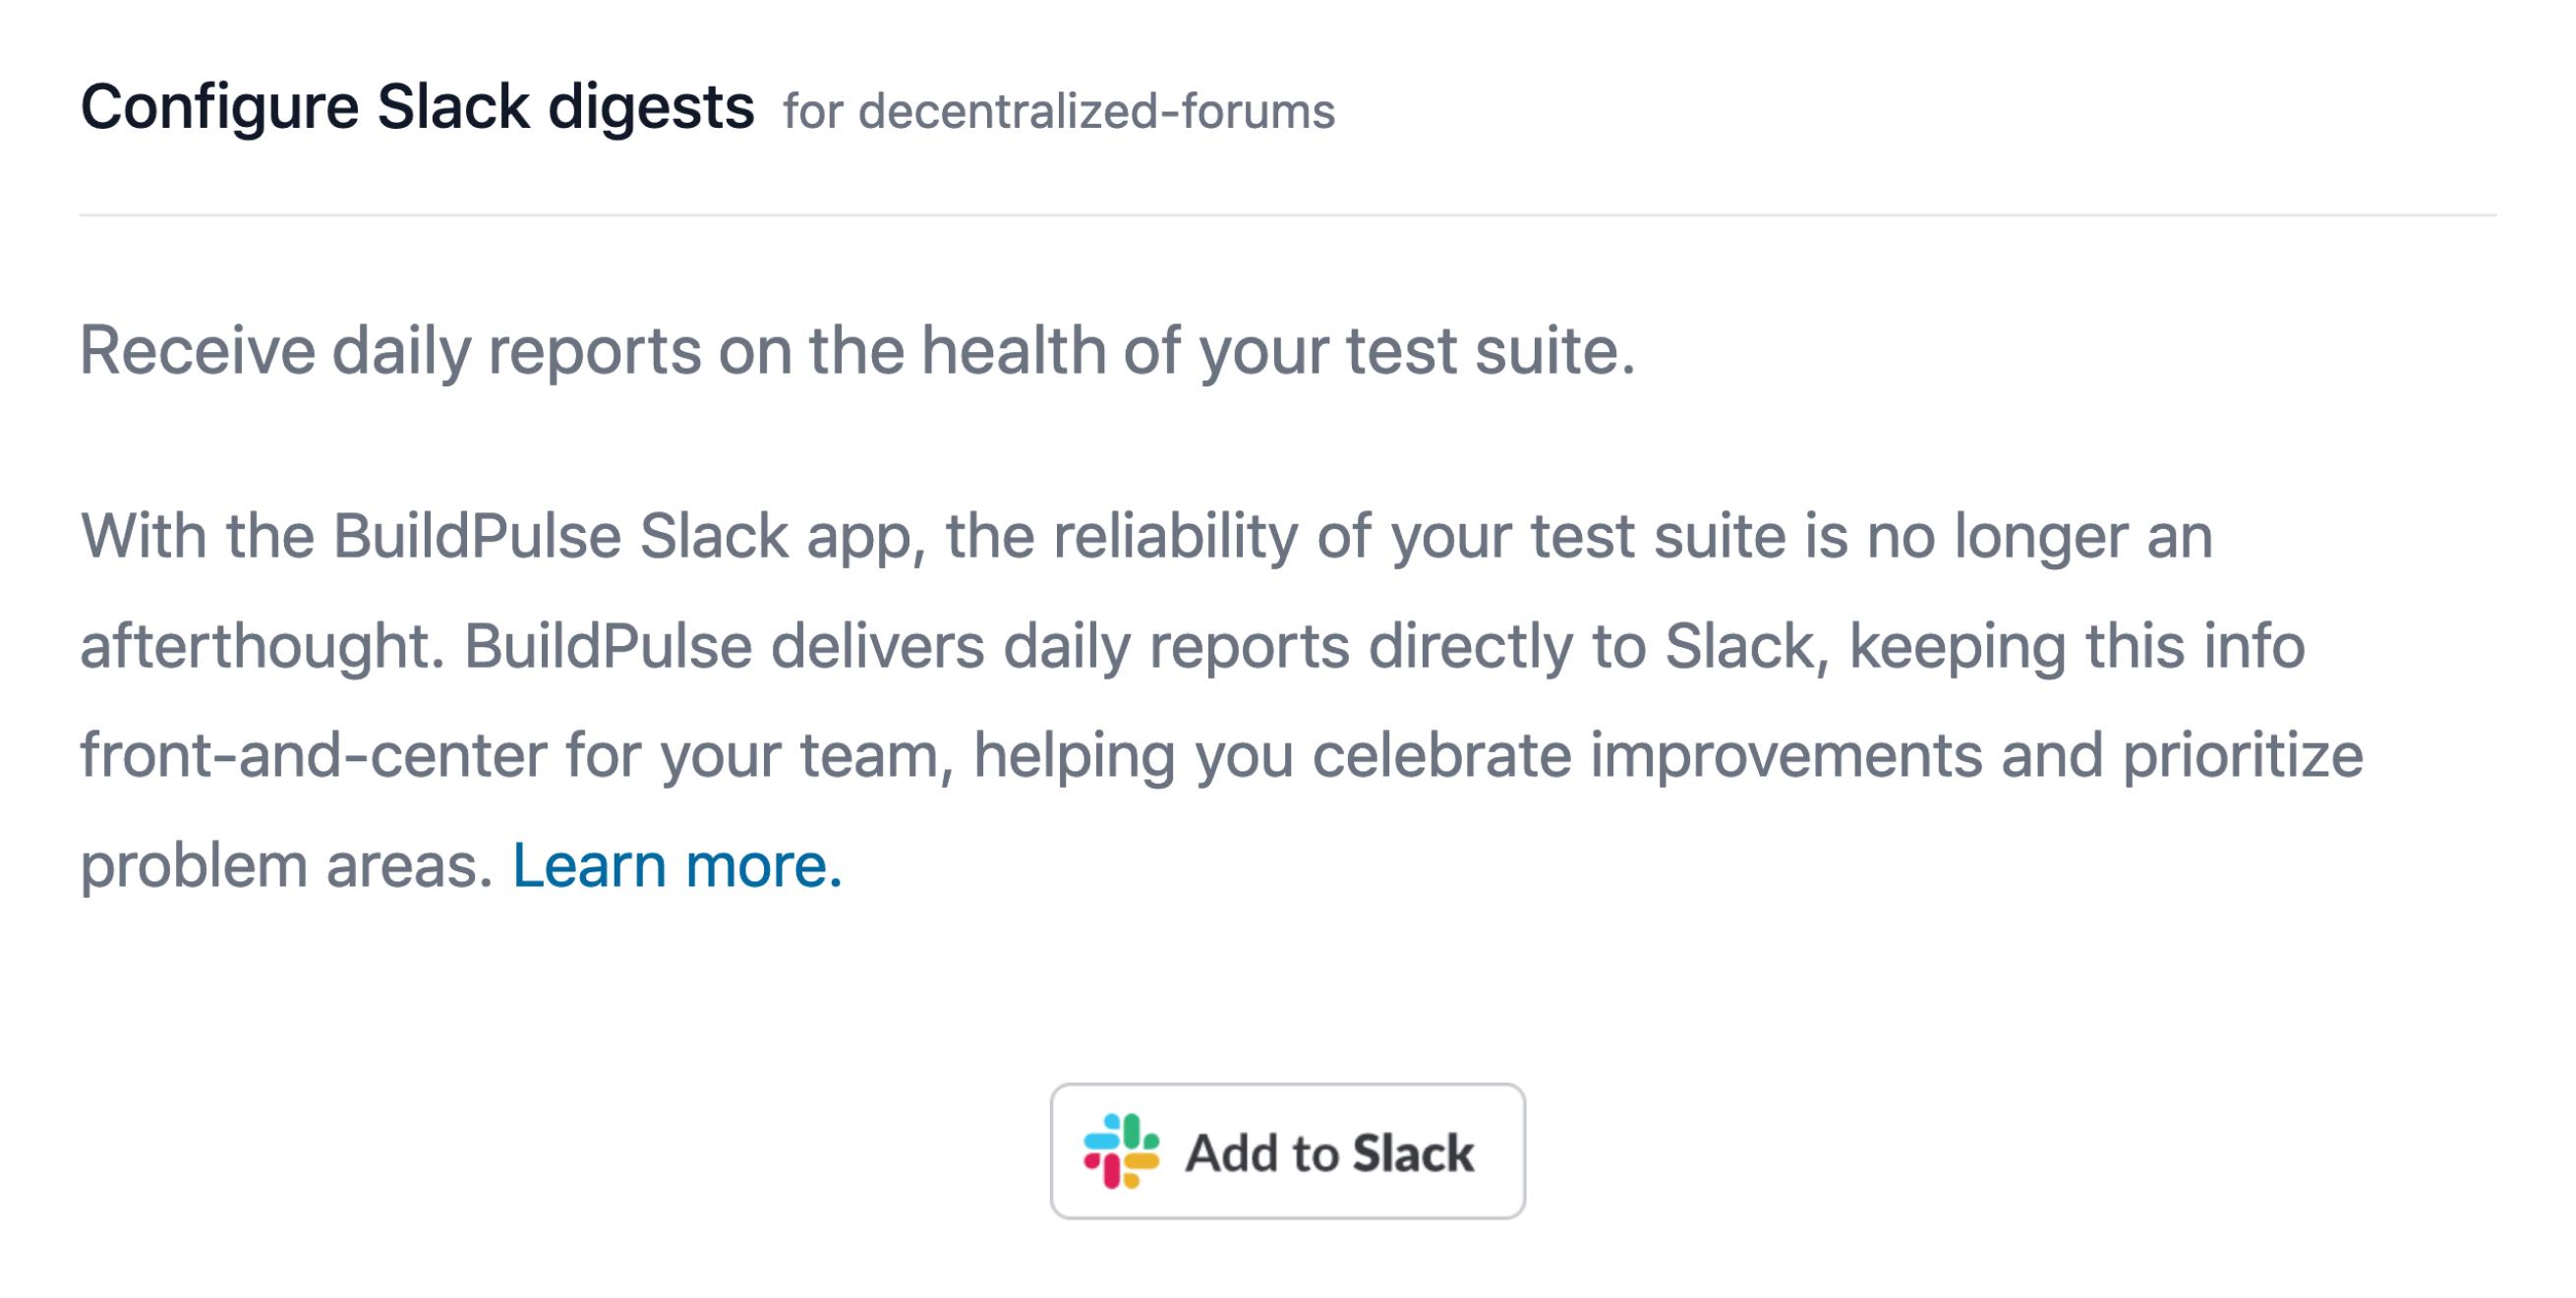 'Add to Slack' button in BuildPulse